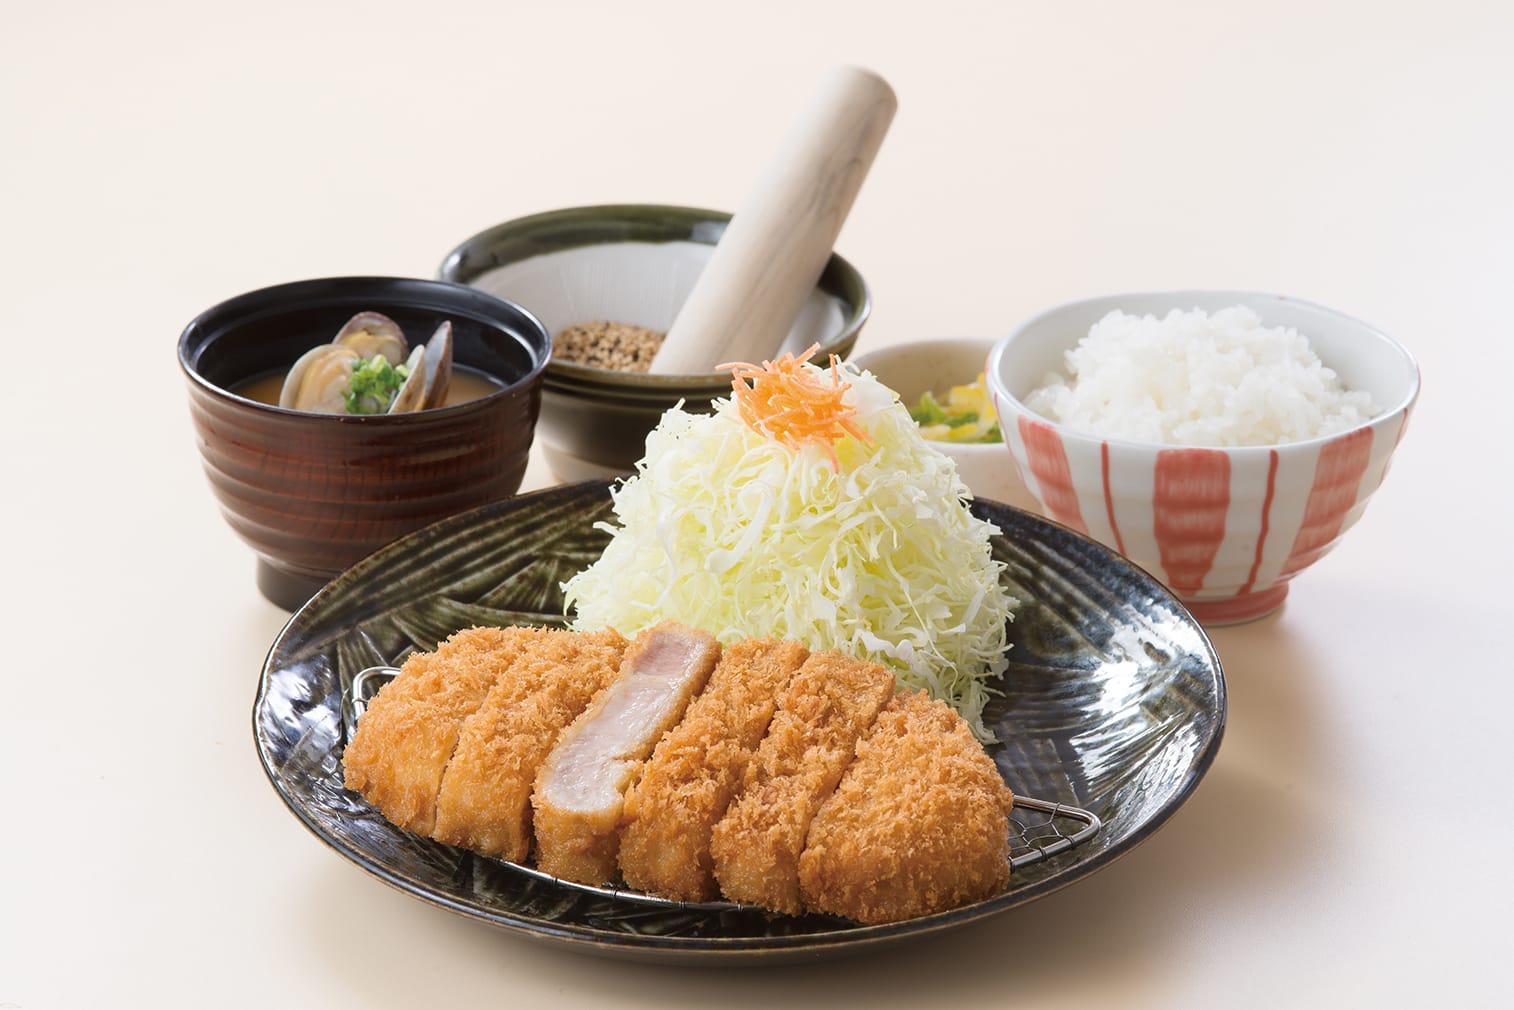 「ロースかつ定食(写真は150g1280円)」。100gは1080円となります。厳選した国産米のご飯(白ご飯、麦ご飯)、みそ汁、キャベツはお替わり自由